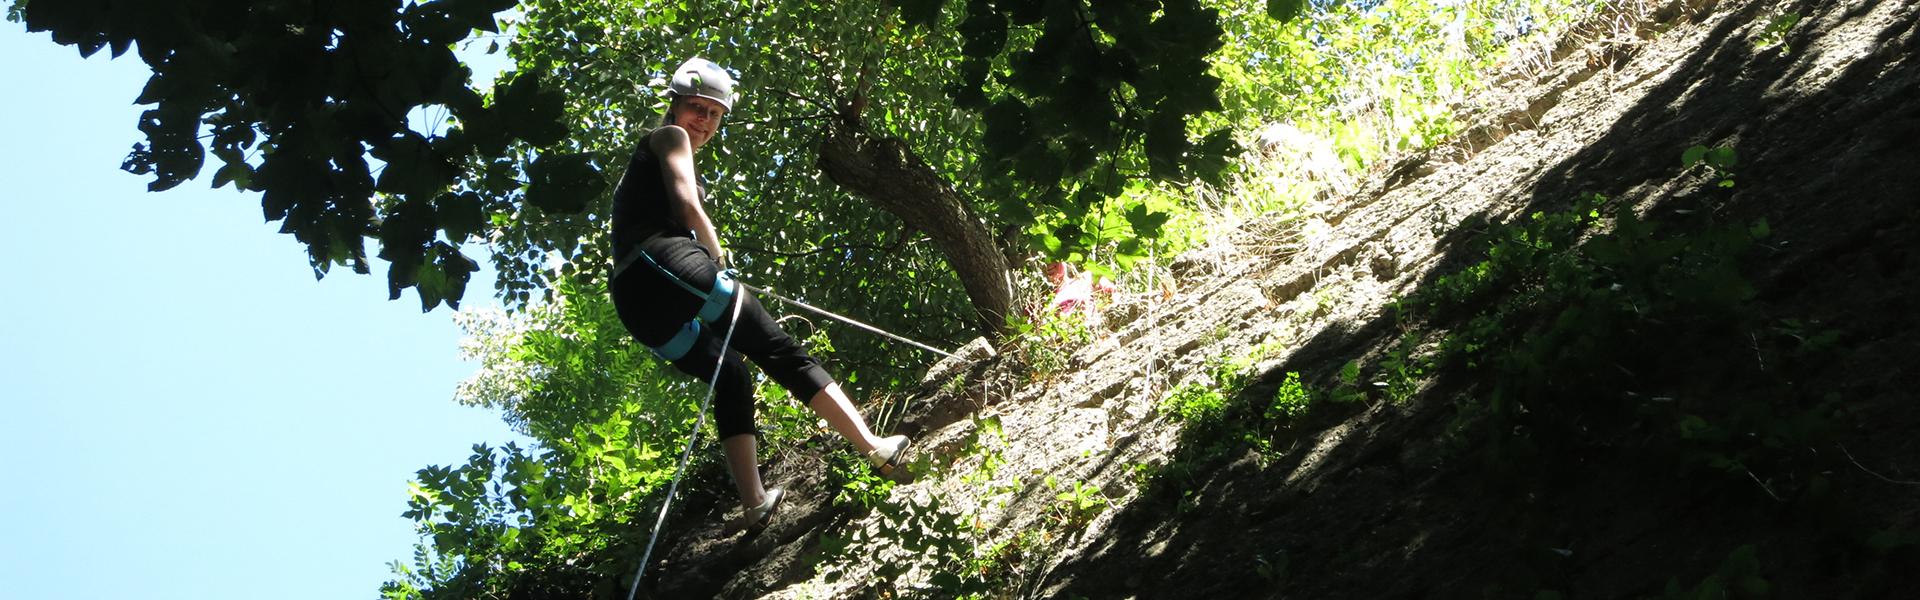 Frau beim Abseilen nach dem Klettern in der Natur